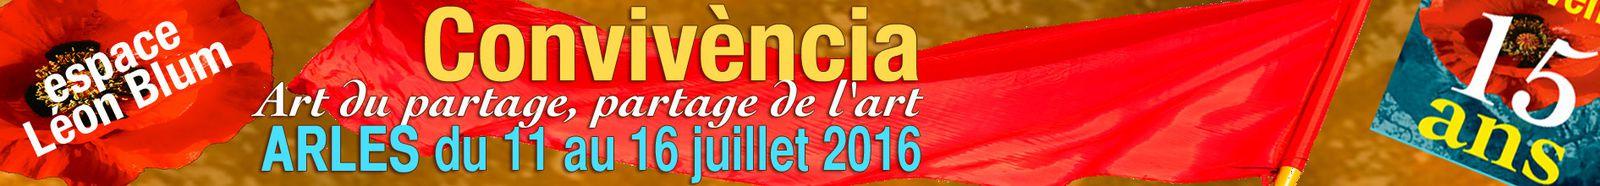 Convivència 2016 : concert OFFICINA ZOÉ